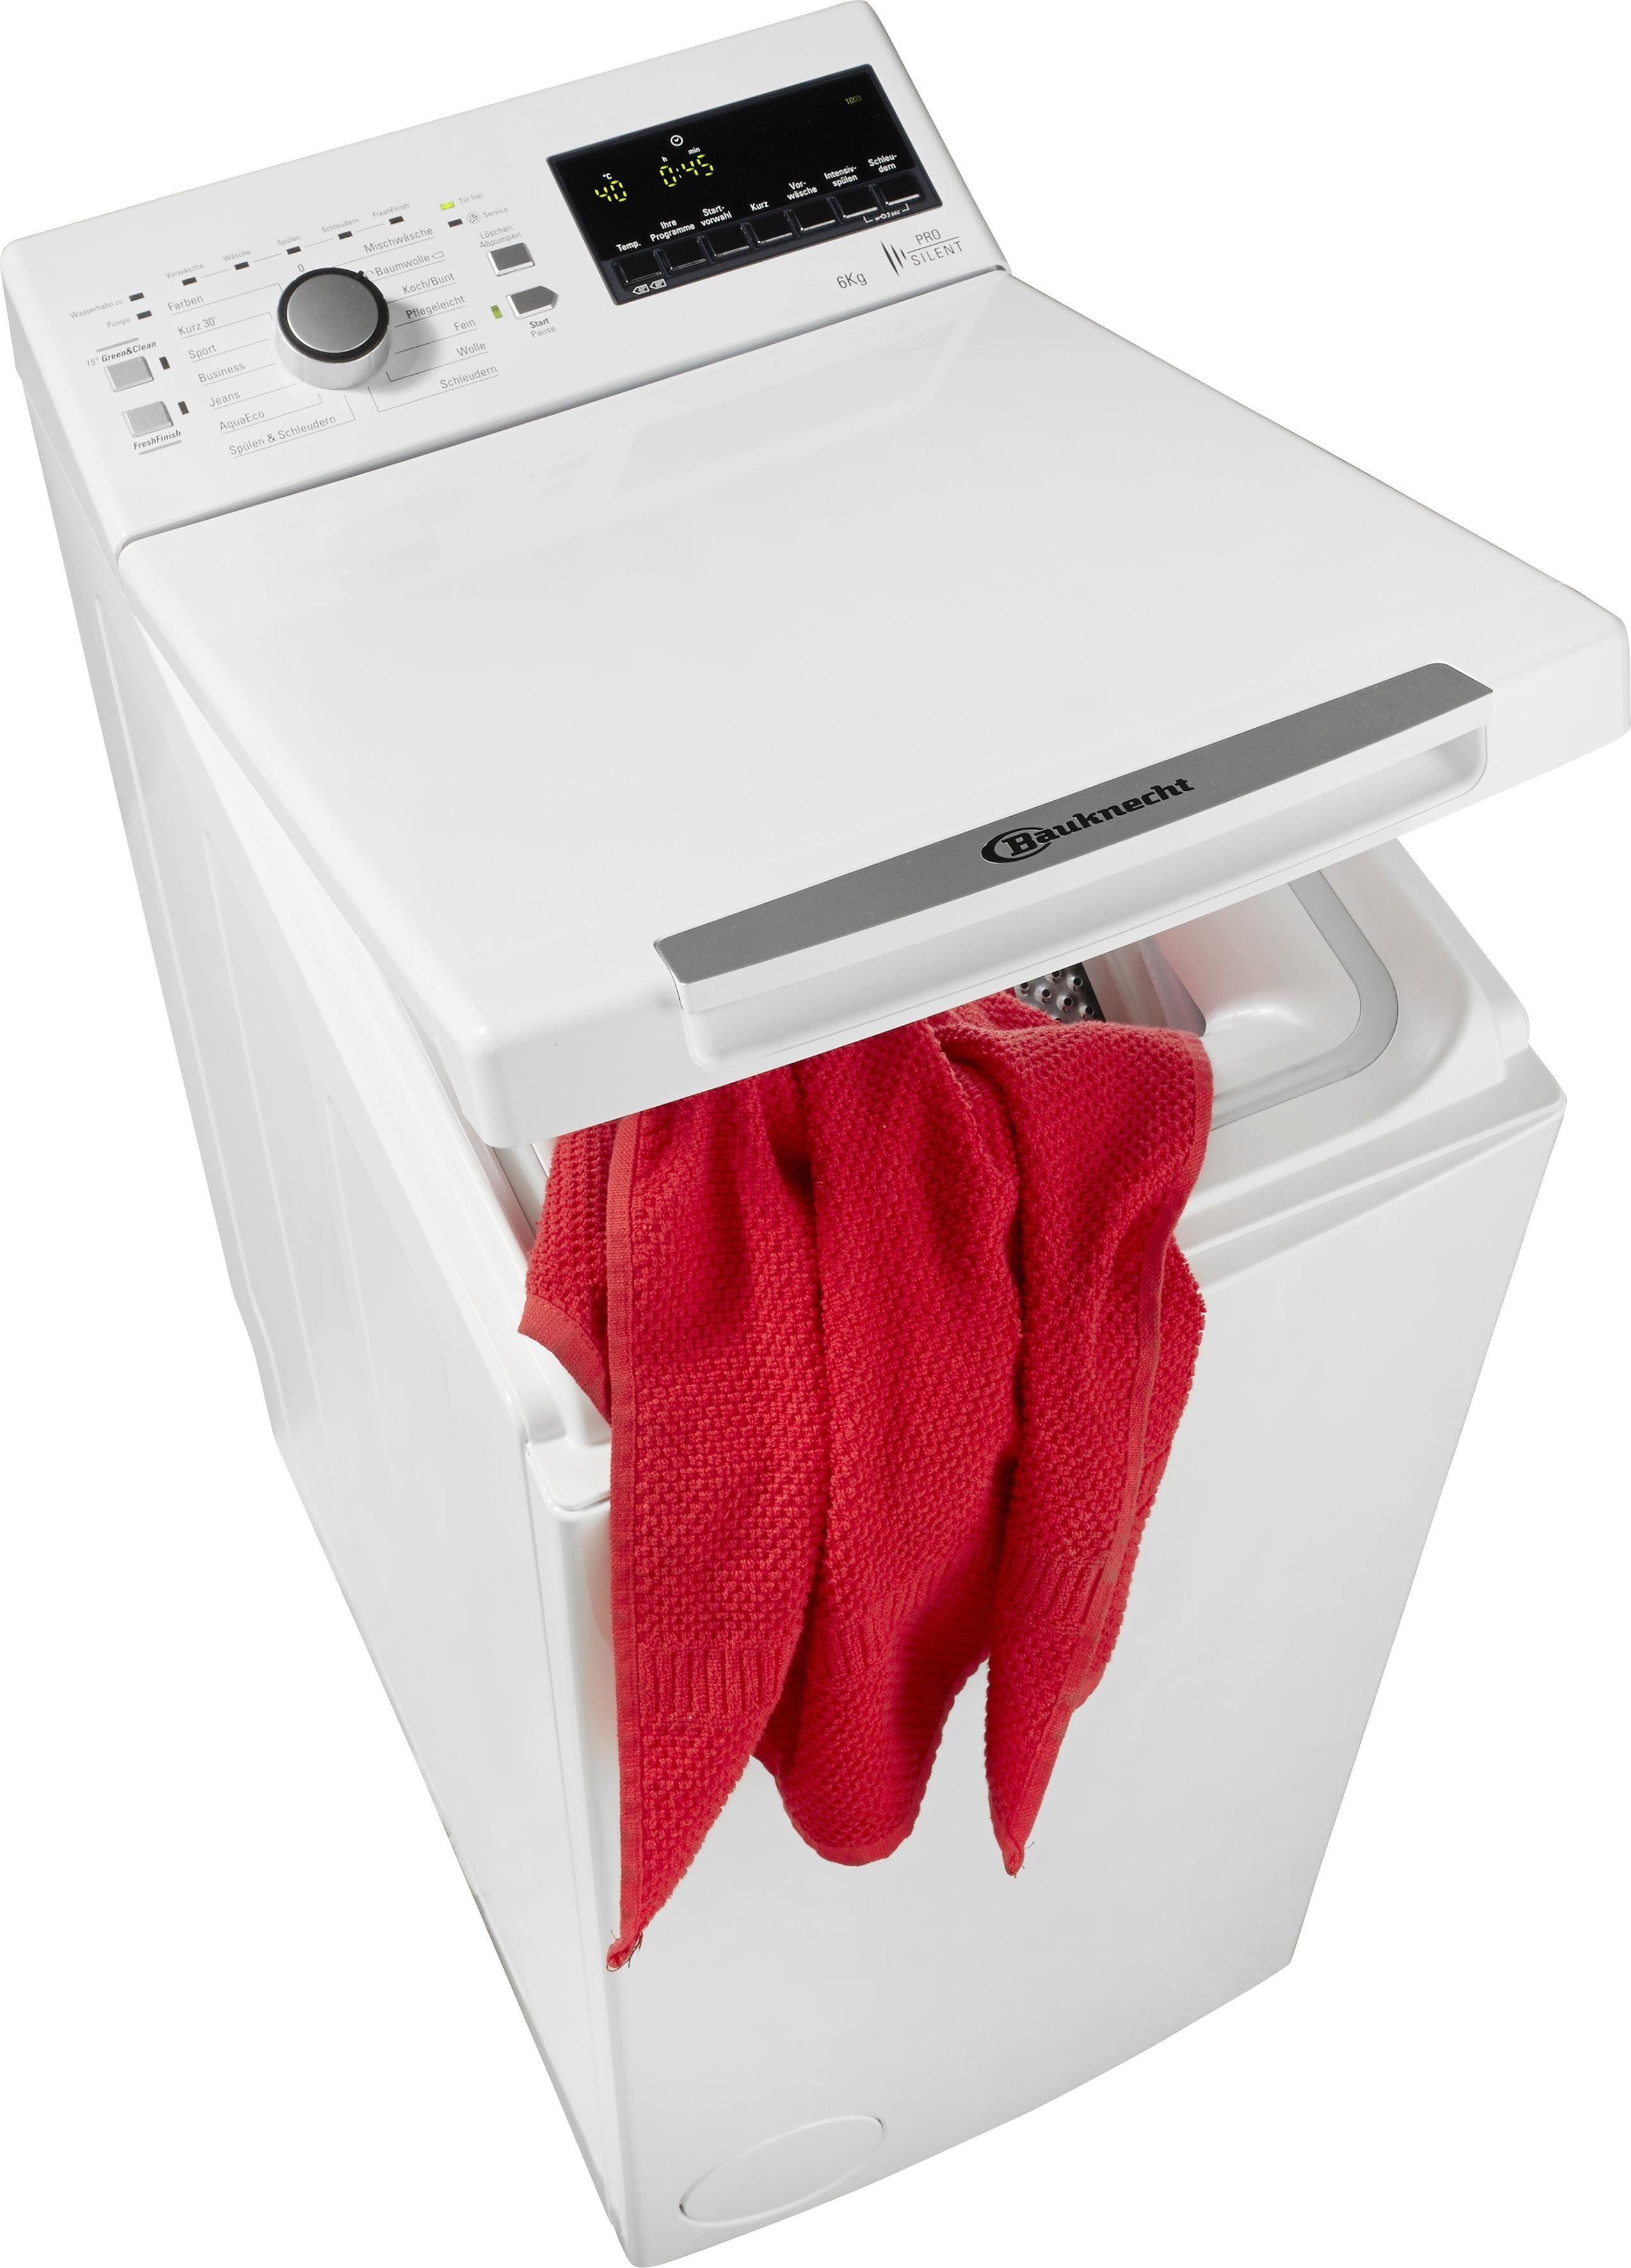 BAUKNECHT Waschmaschine Toplader WAT Prime 652 PS, A+++, 6 kg, 1200 U/Min